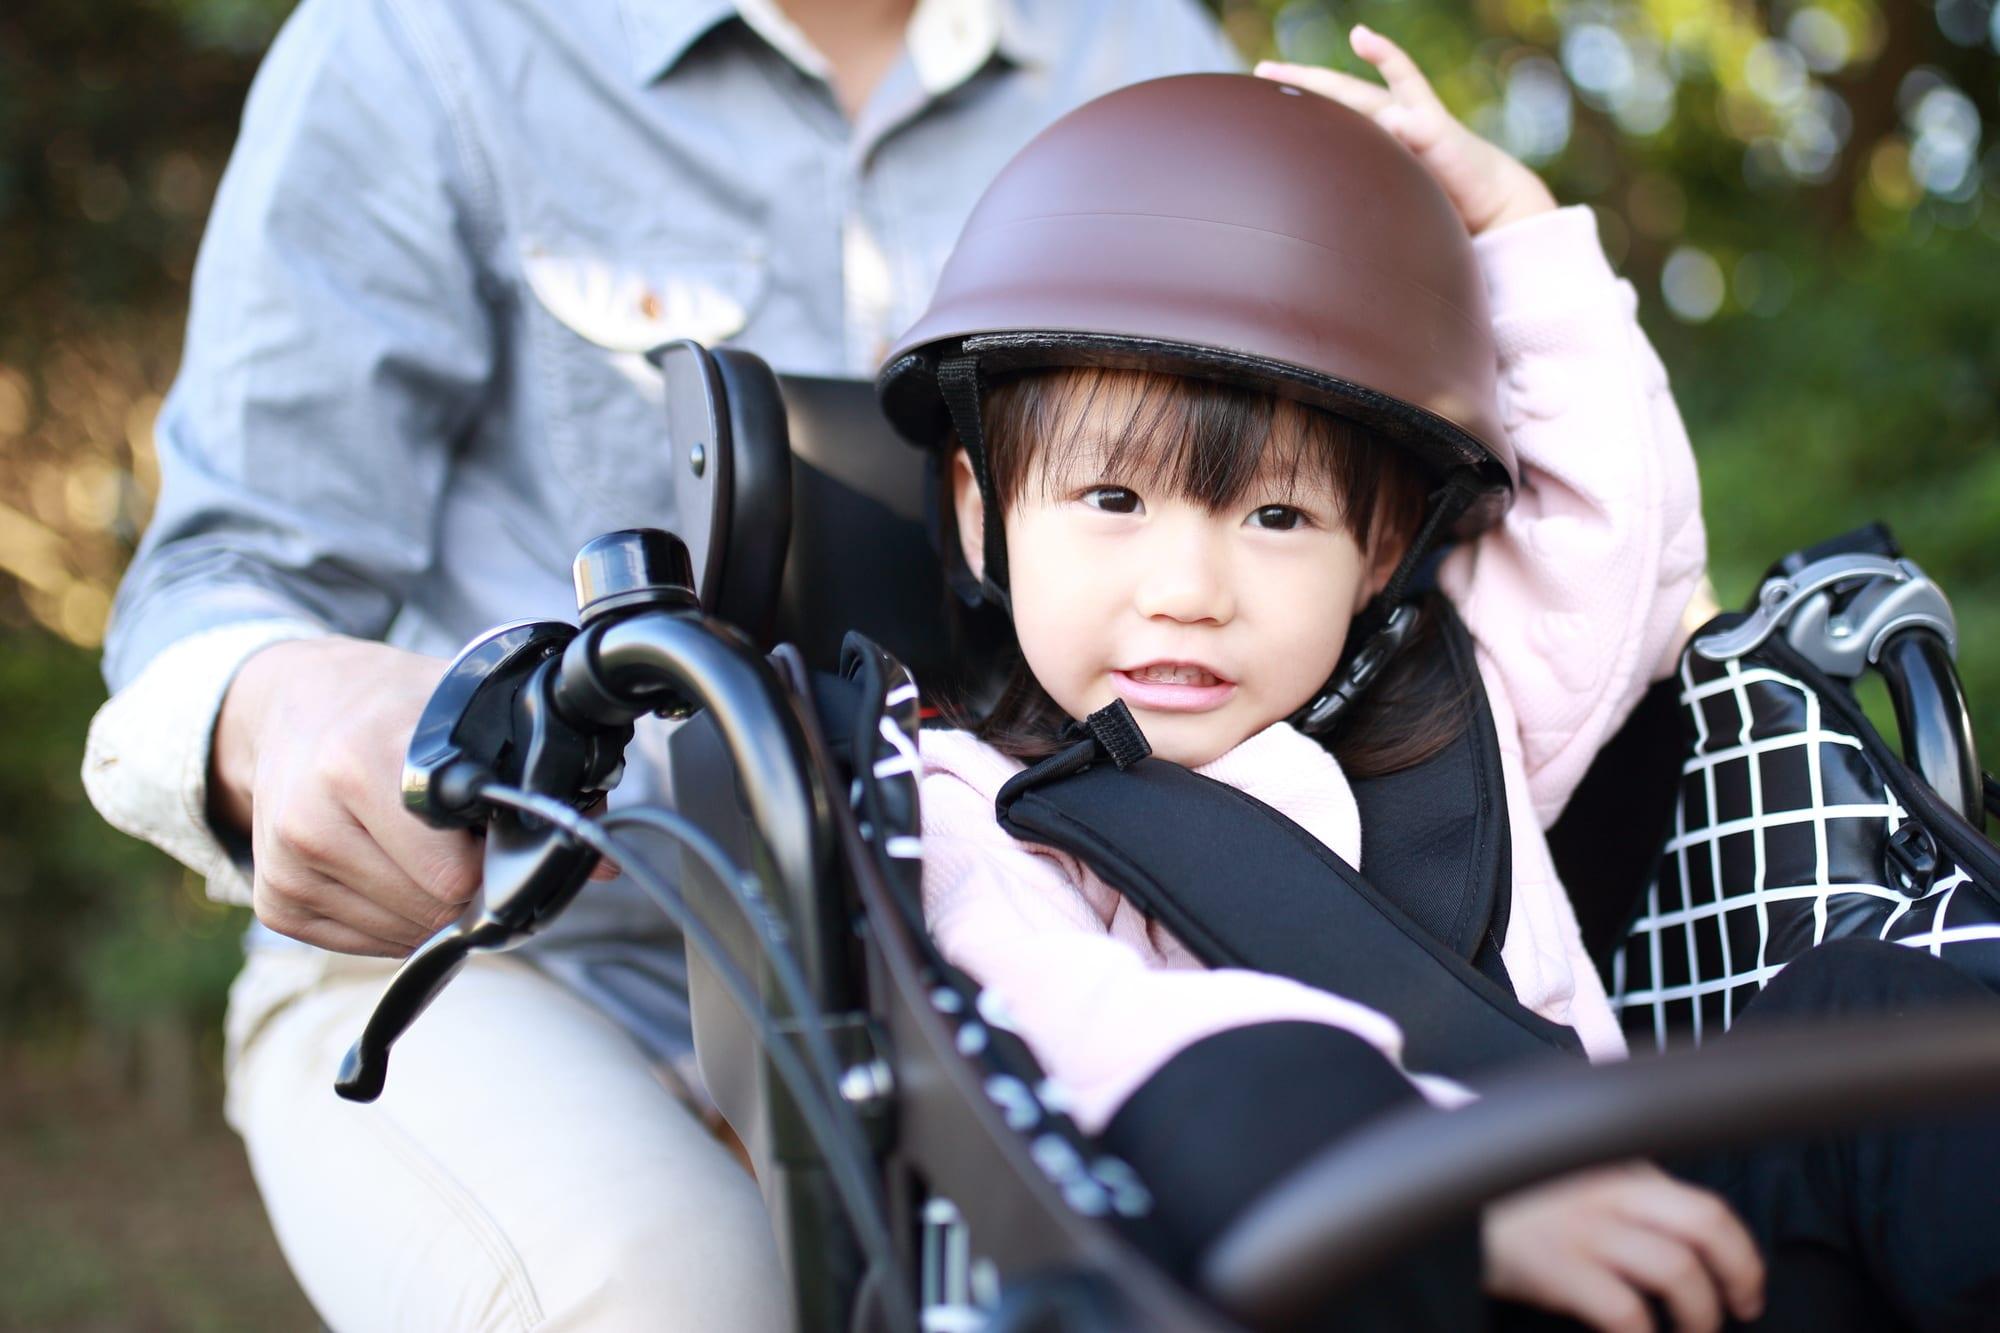 子供が自転車に乗るときは必ずヘルメットを着用させよう